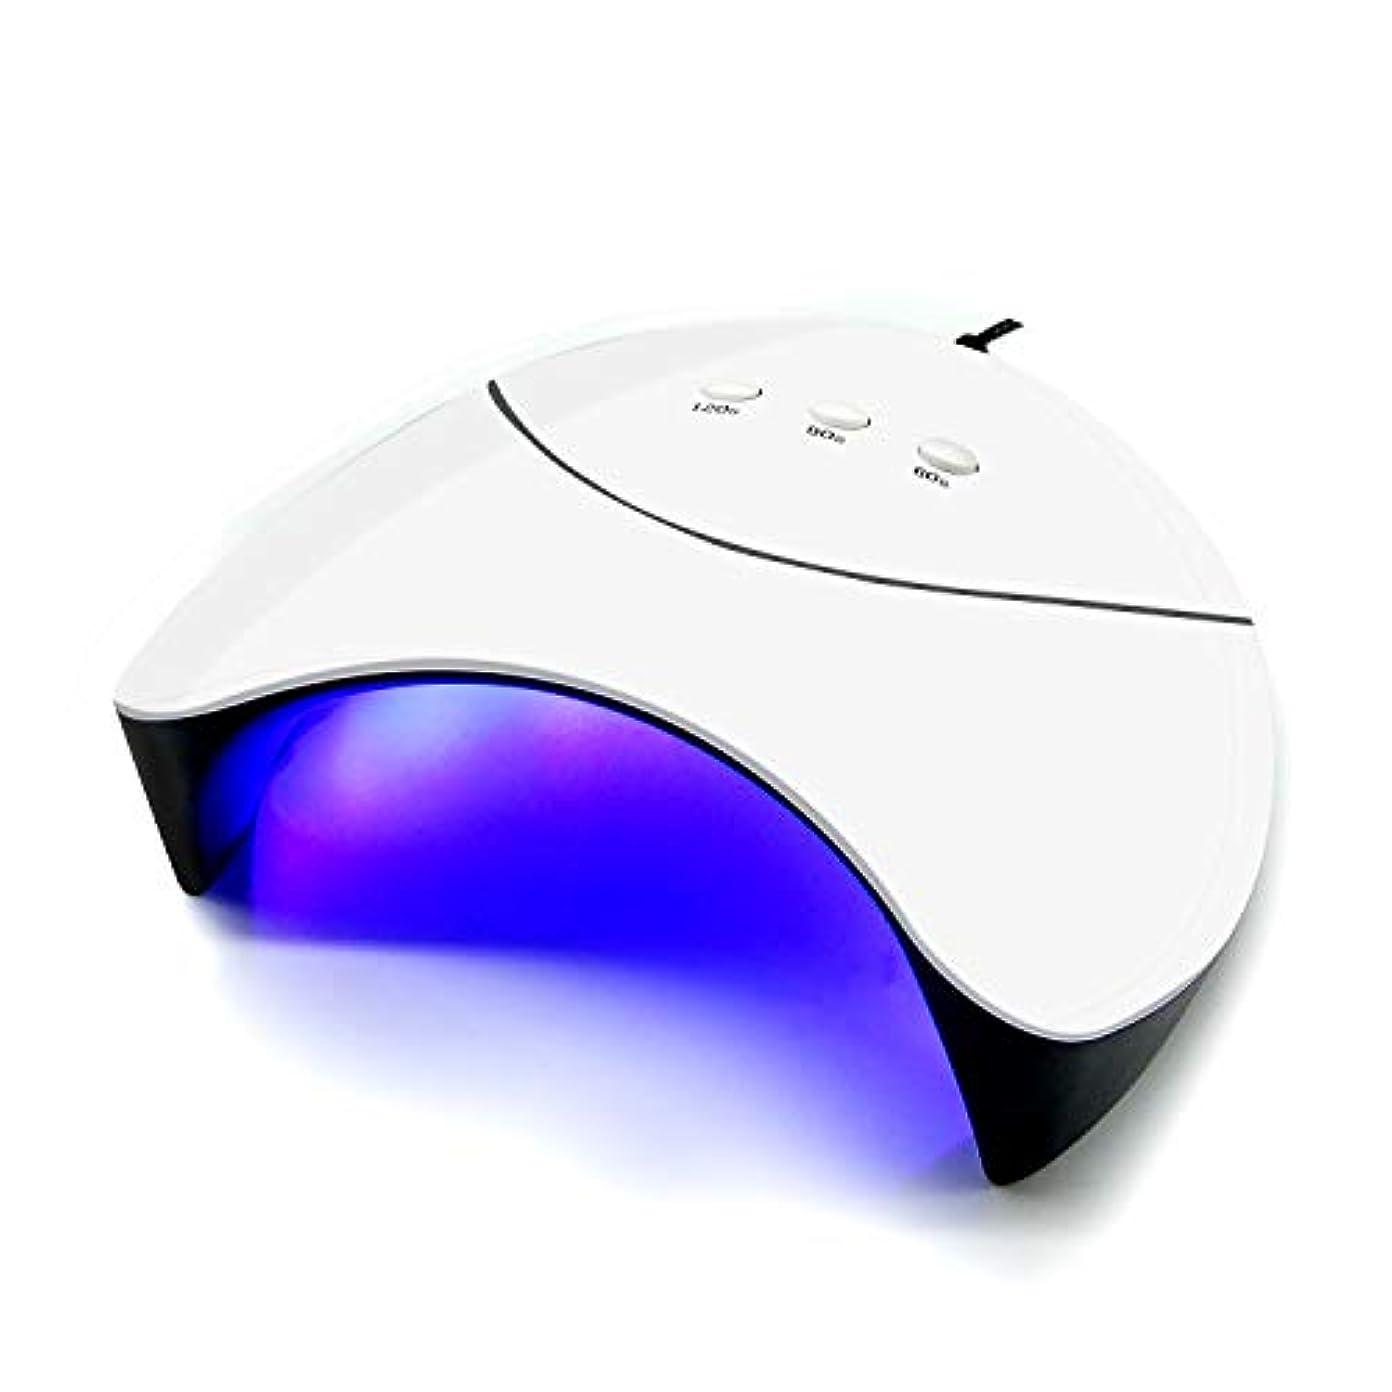 マンモス暗殺時代IDAODAN ネイルライト ネイルドライヤー 硬化用UVライト 自動センサー 36W 3段階タイマー付き 赤外線検知(ホワイト)